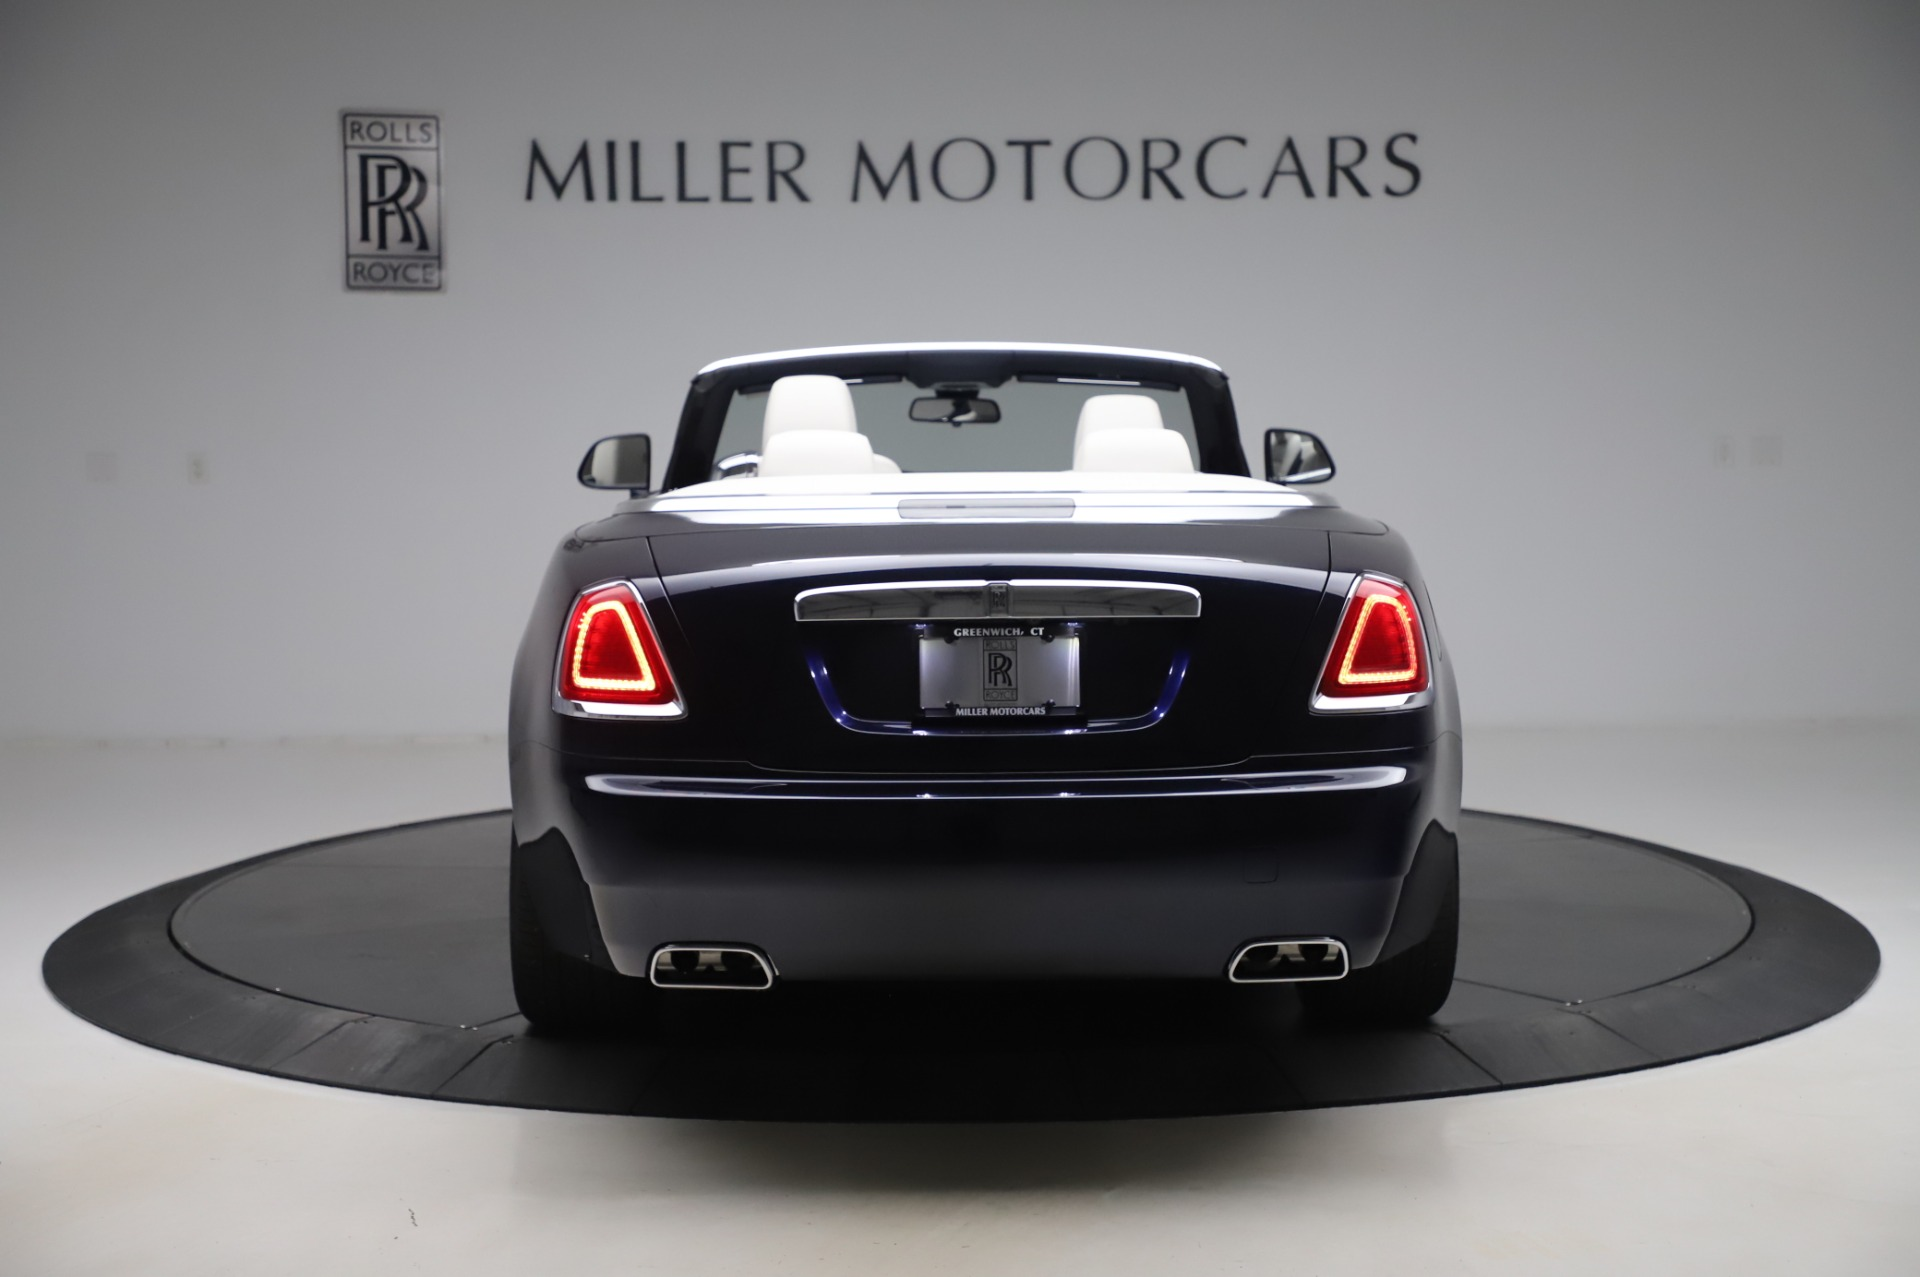 Used 2020 Rolls Royce Dawn